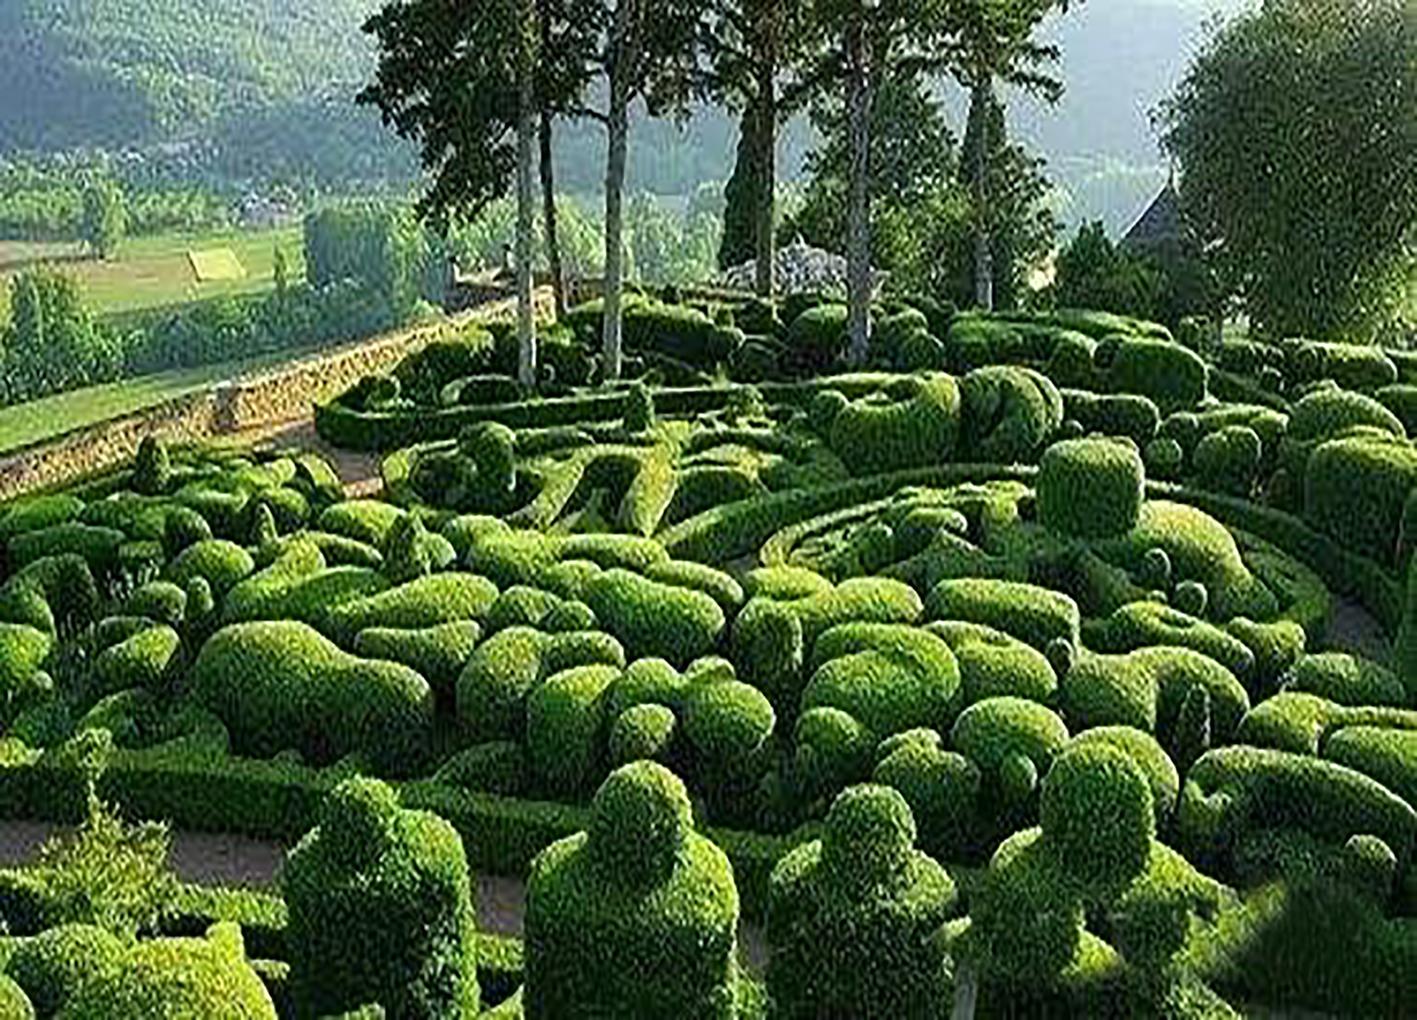 广州小区绿化养护,在城市园林建设中具有重要作用